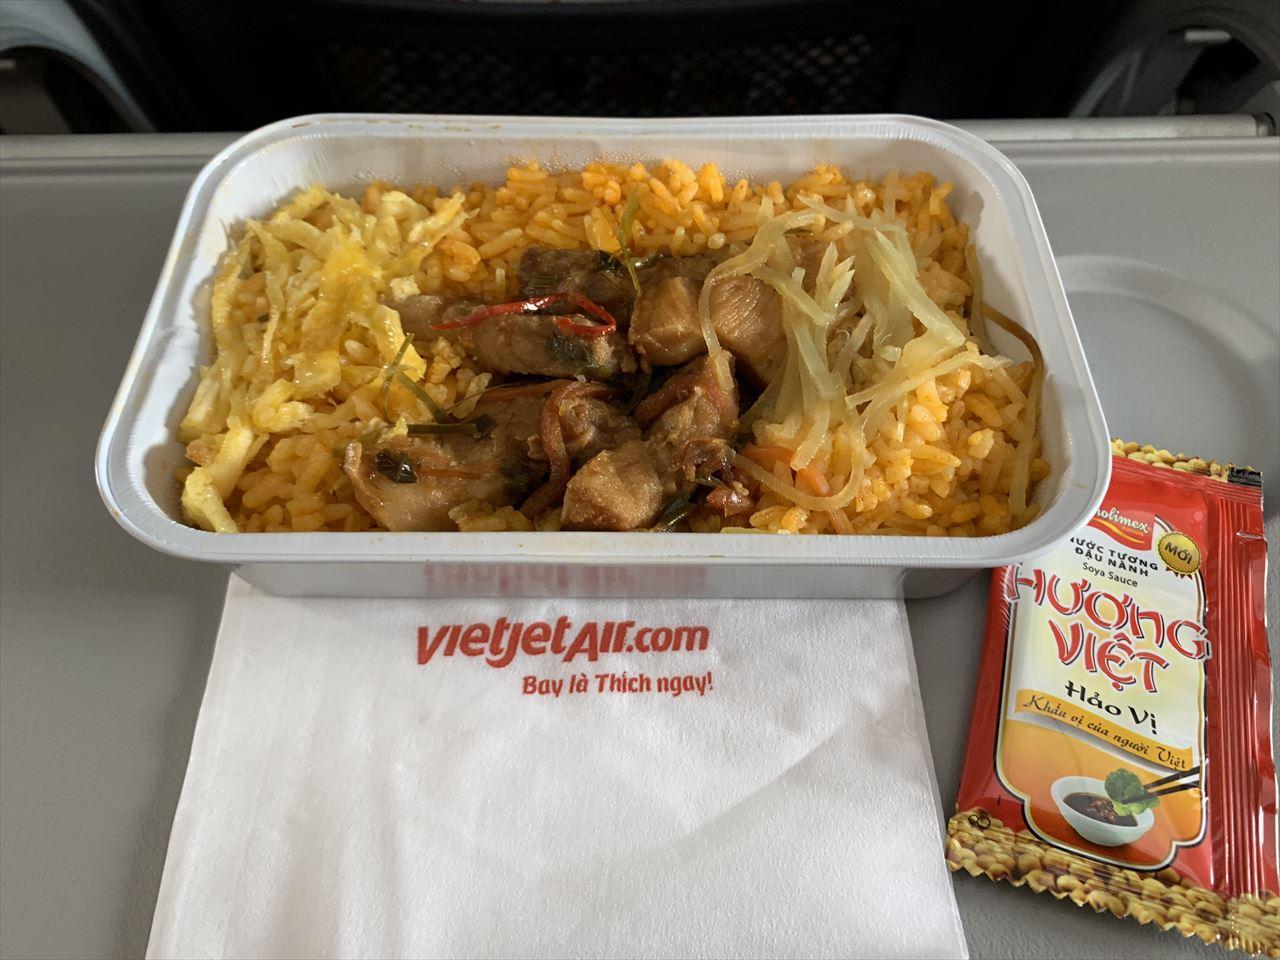 ベトジェットエア 機内食 タイ風チャーハン